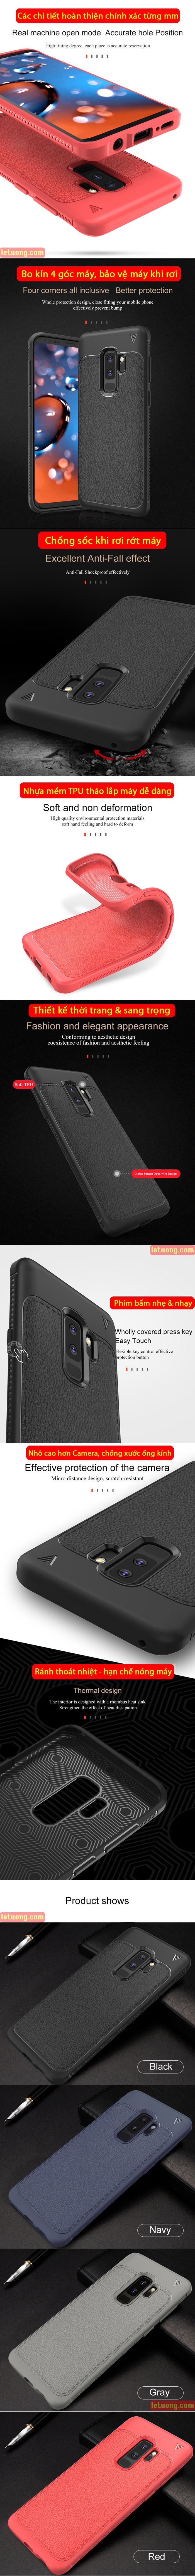 Ốp lưng Galaxy S9 Plus Lenuo Leshen Serie vân da sang trọng 4